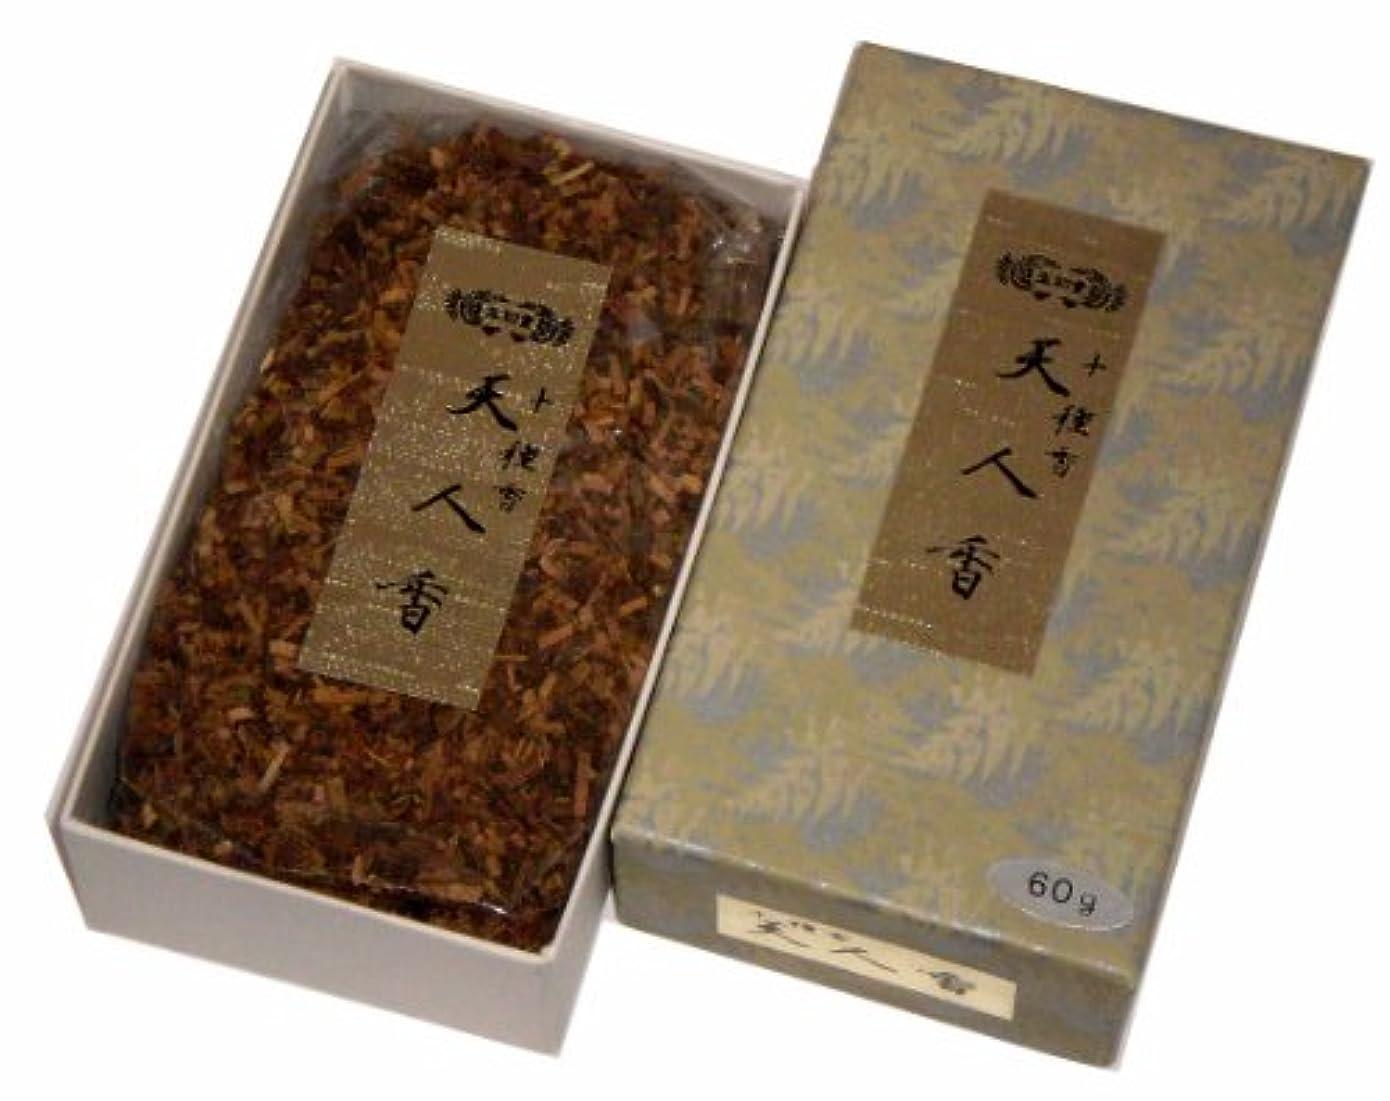 なに植木マニュアル玉初堂のお香 天人香 60g #514